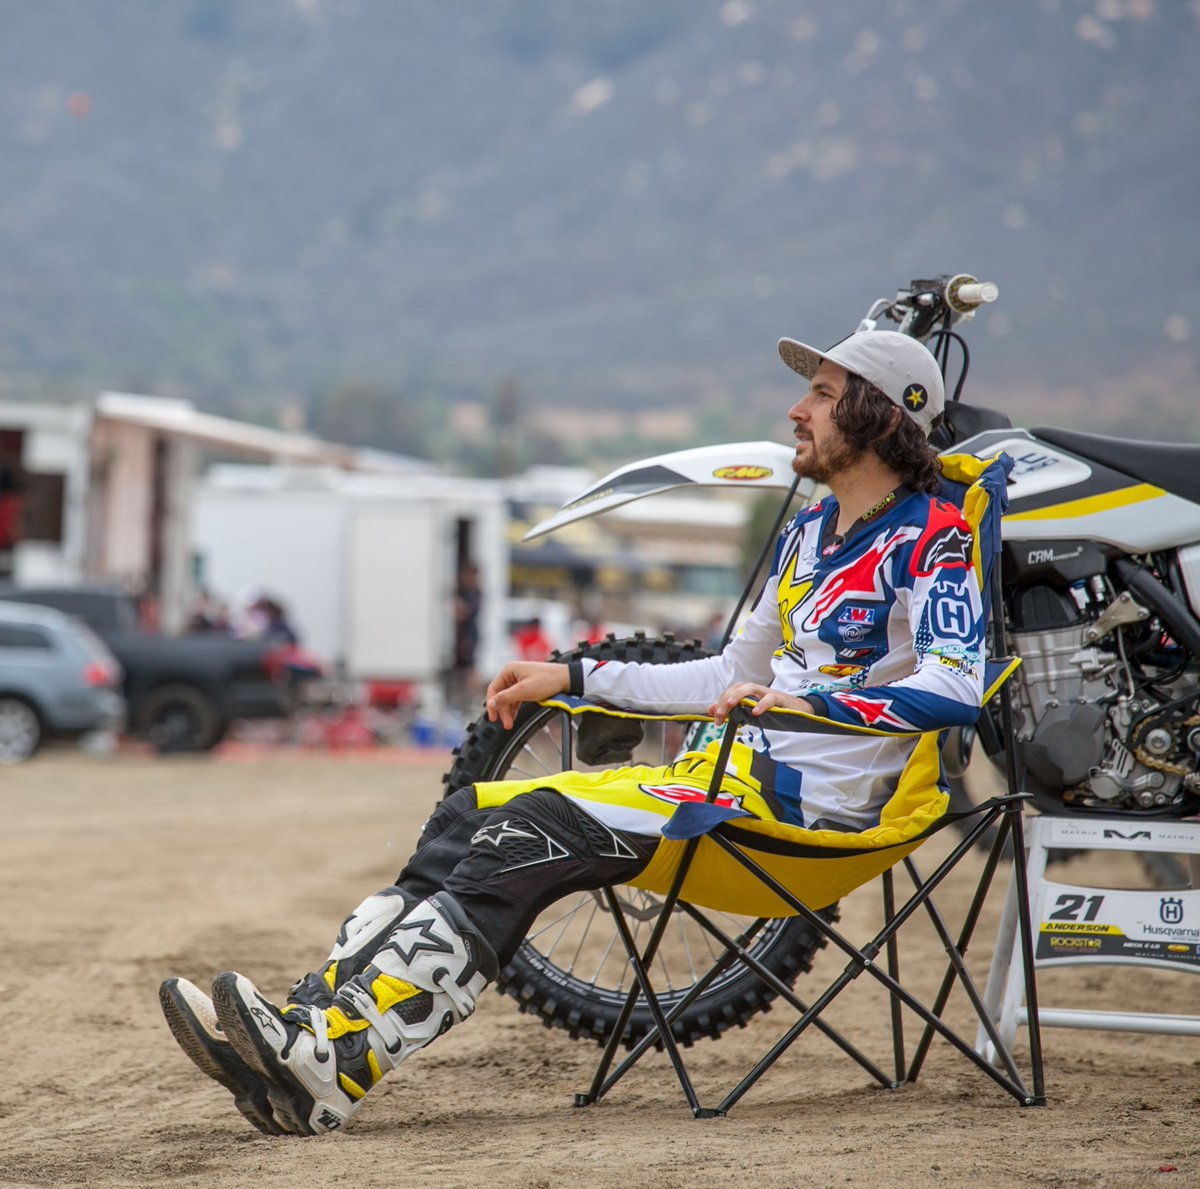 🥤 @rockstarenergy @Rockstar_Racing @alpinestars @elhombre https://t.co/g2KRSUCOnz